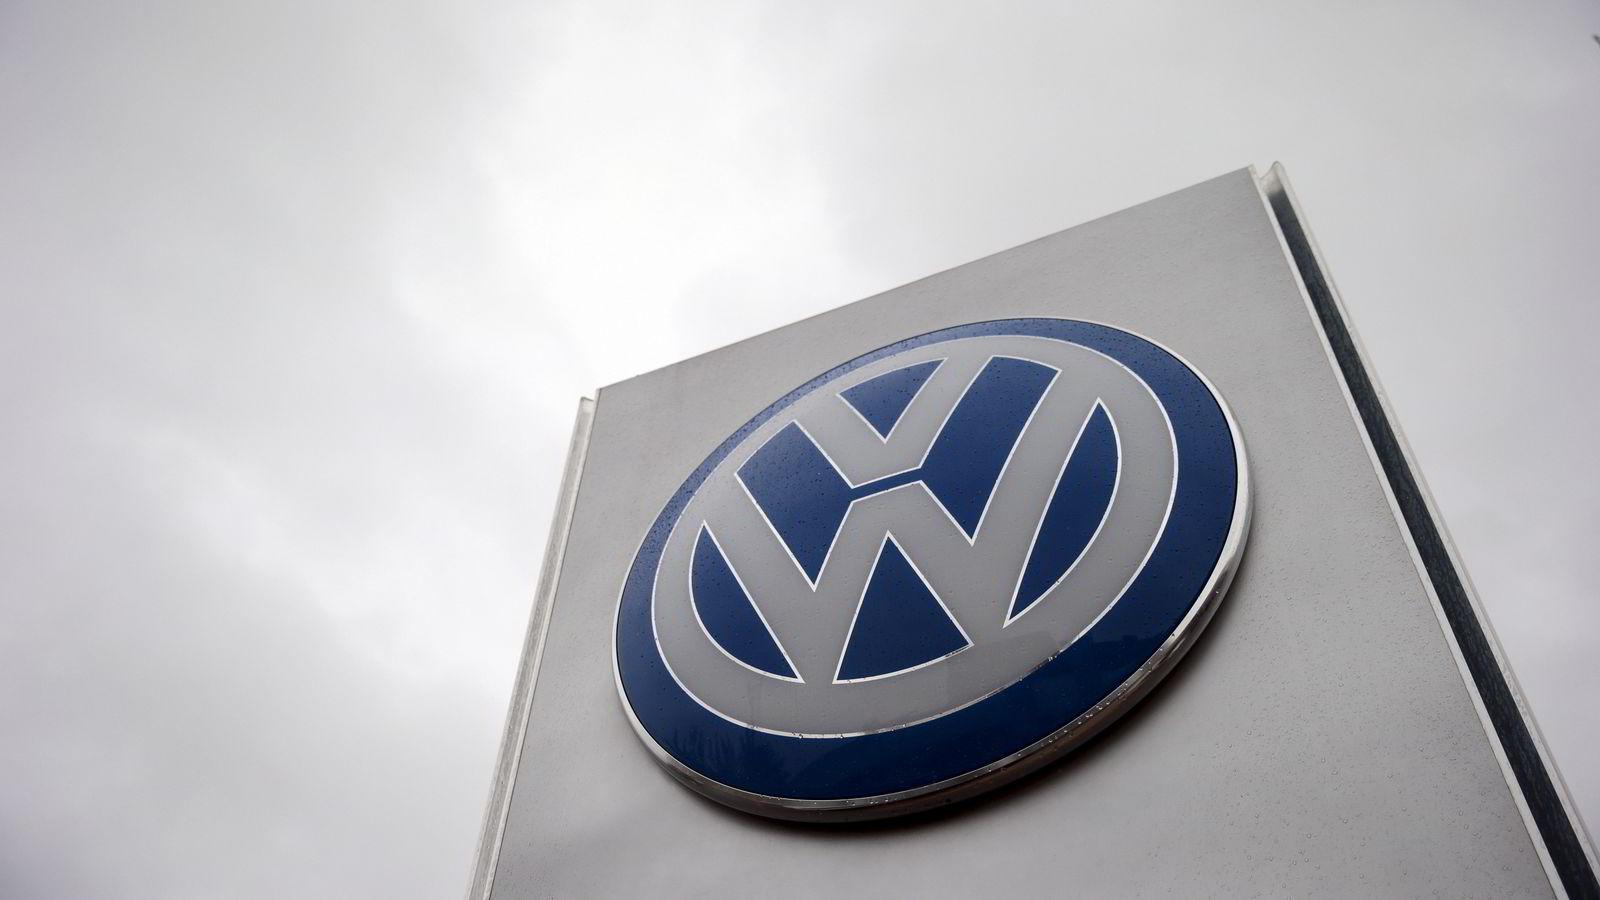 Den tyske bilprodusenten Volkswagen (VW) har informert amerikanske myndigheter om at utslippsjukset knyttet til SUV-er og luksusbiler kan strekke seg tilbake til 2009. Foto: Suzanne Plunkett / Reuters / NTB scanpix